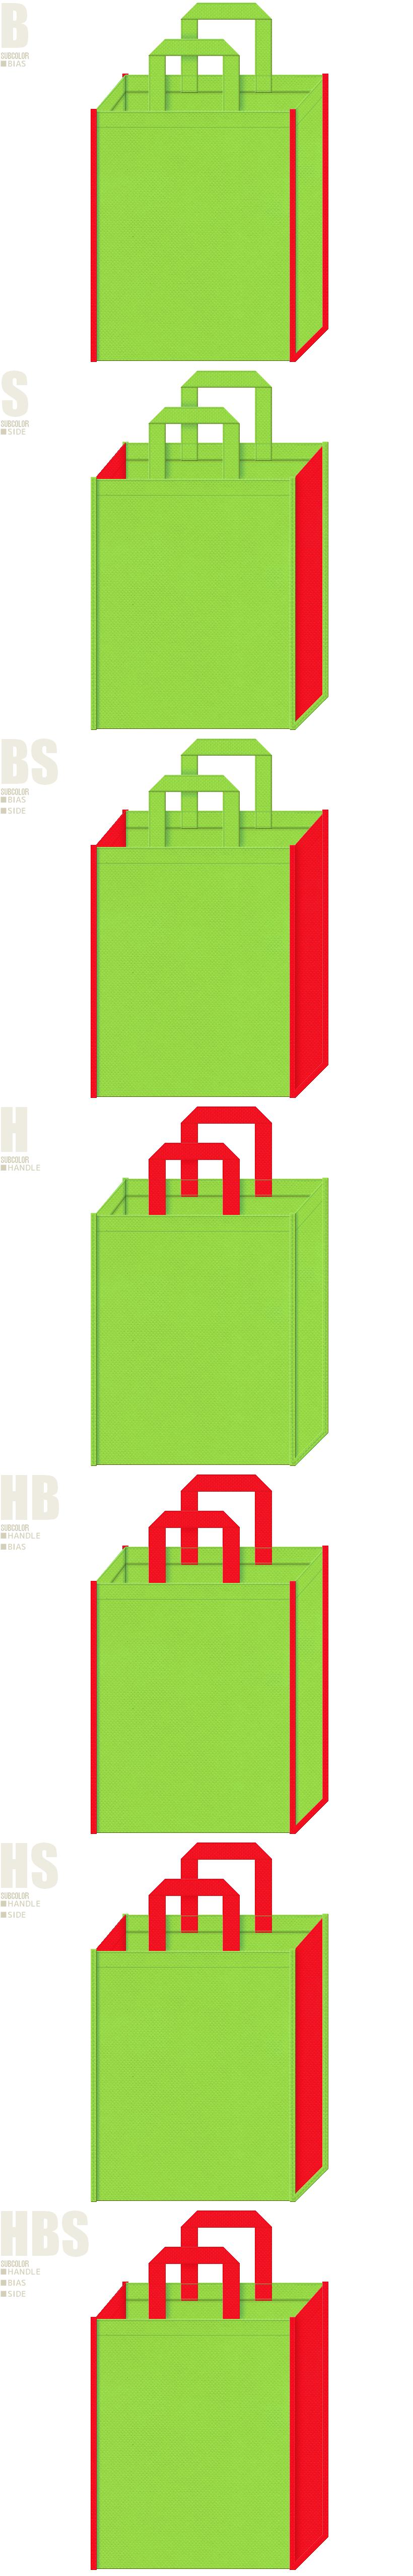 和風庭園・茶会・野点傘のイメージにお奨めの不織布バッグデザイン:黄緑色と赤色の不織布バッグ配色7パターン。